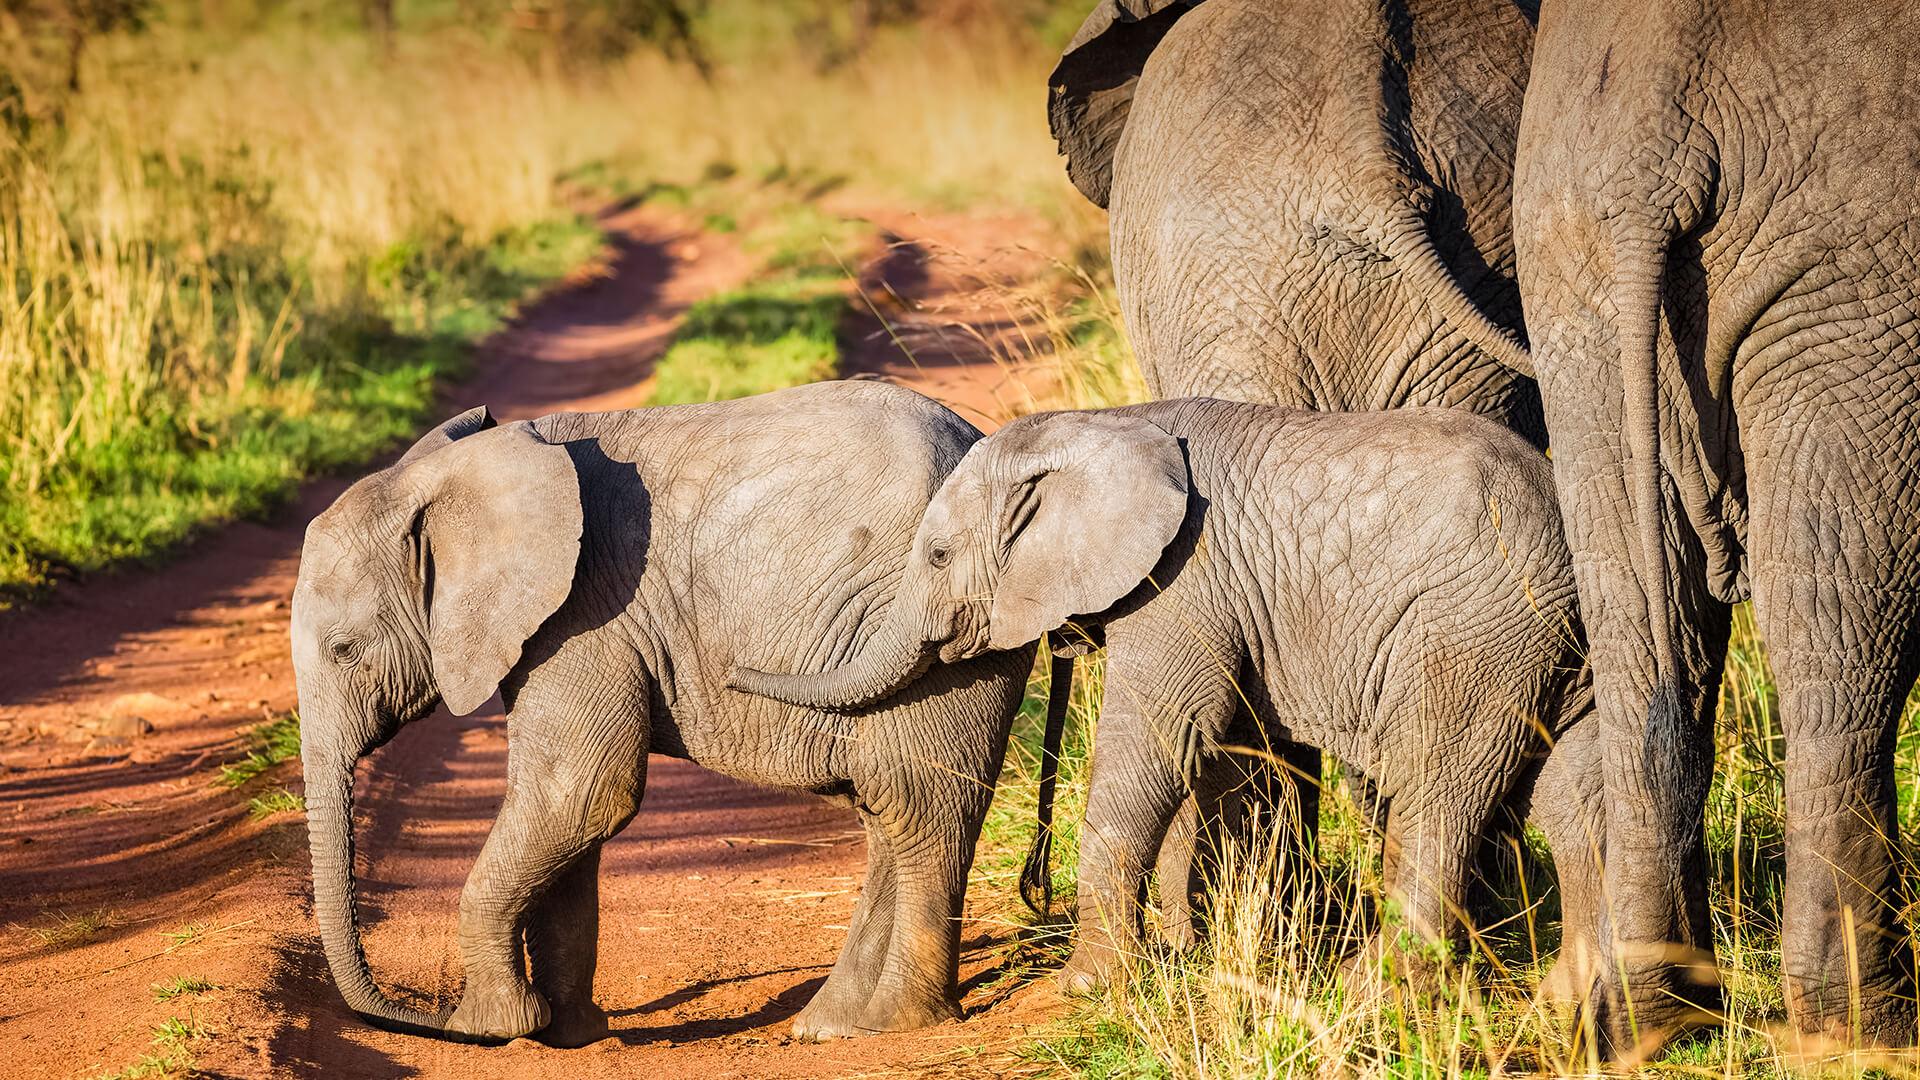 Elephant   San Diego Zoo Animals & Plants